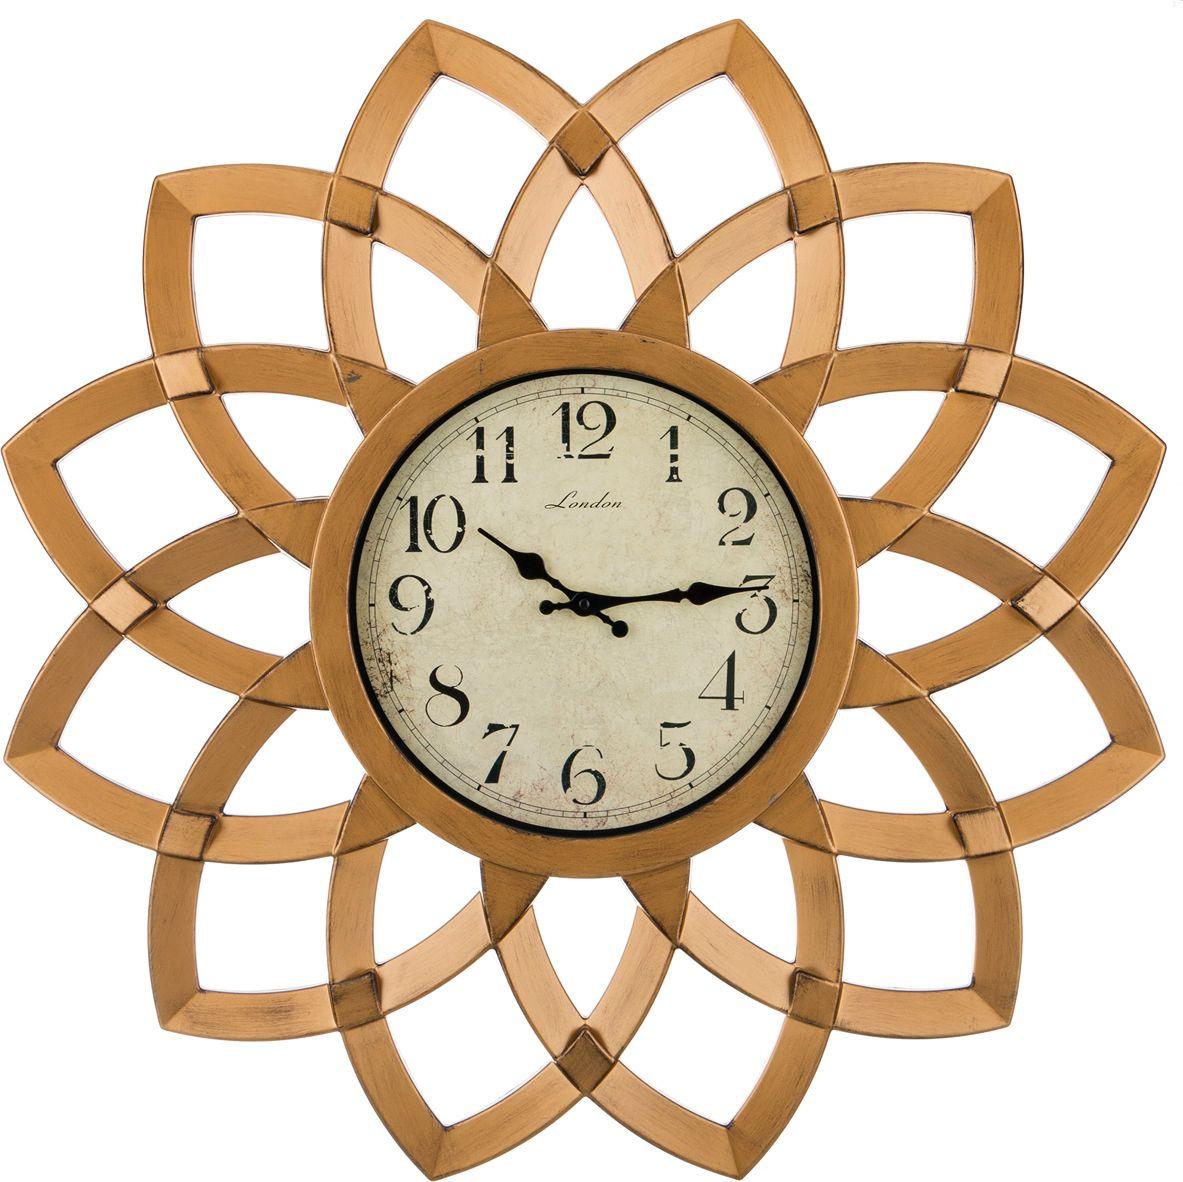 Часы настенные Lefard Swiss Home, кварцевые, цвет: коричневый, 74 х 74 х 5 см часы настенные arte nuevo sweet home 21 5 см